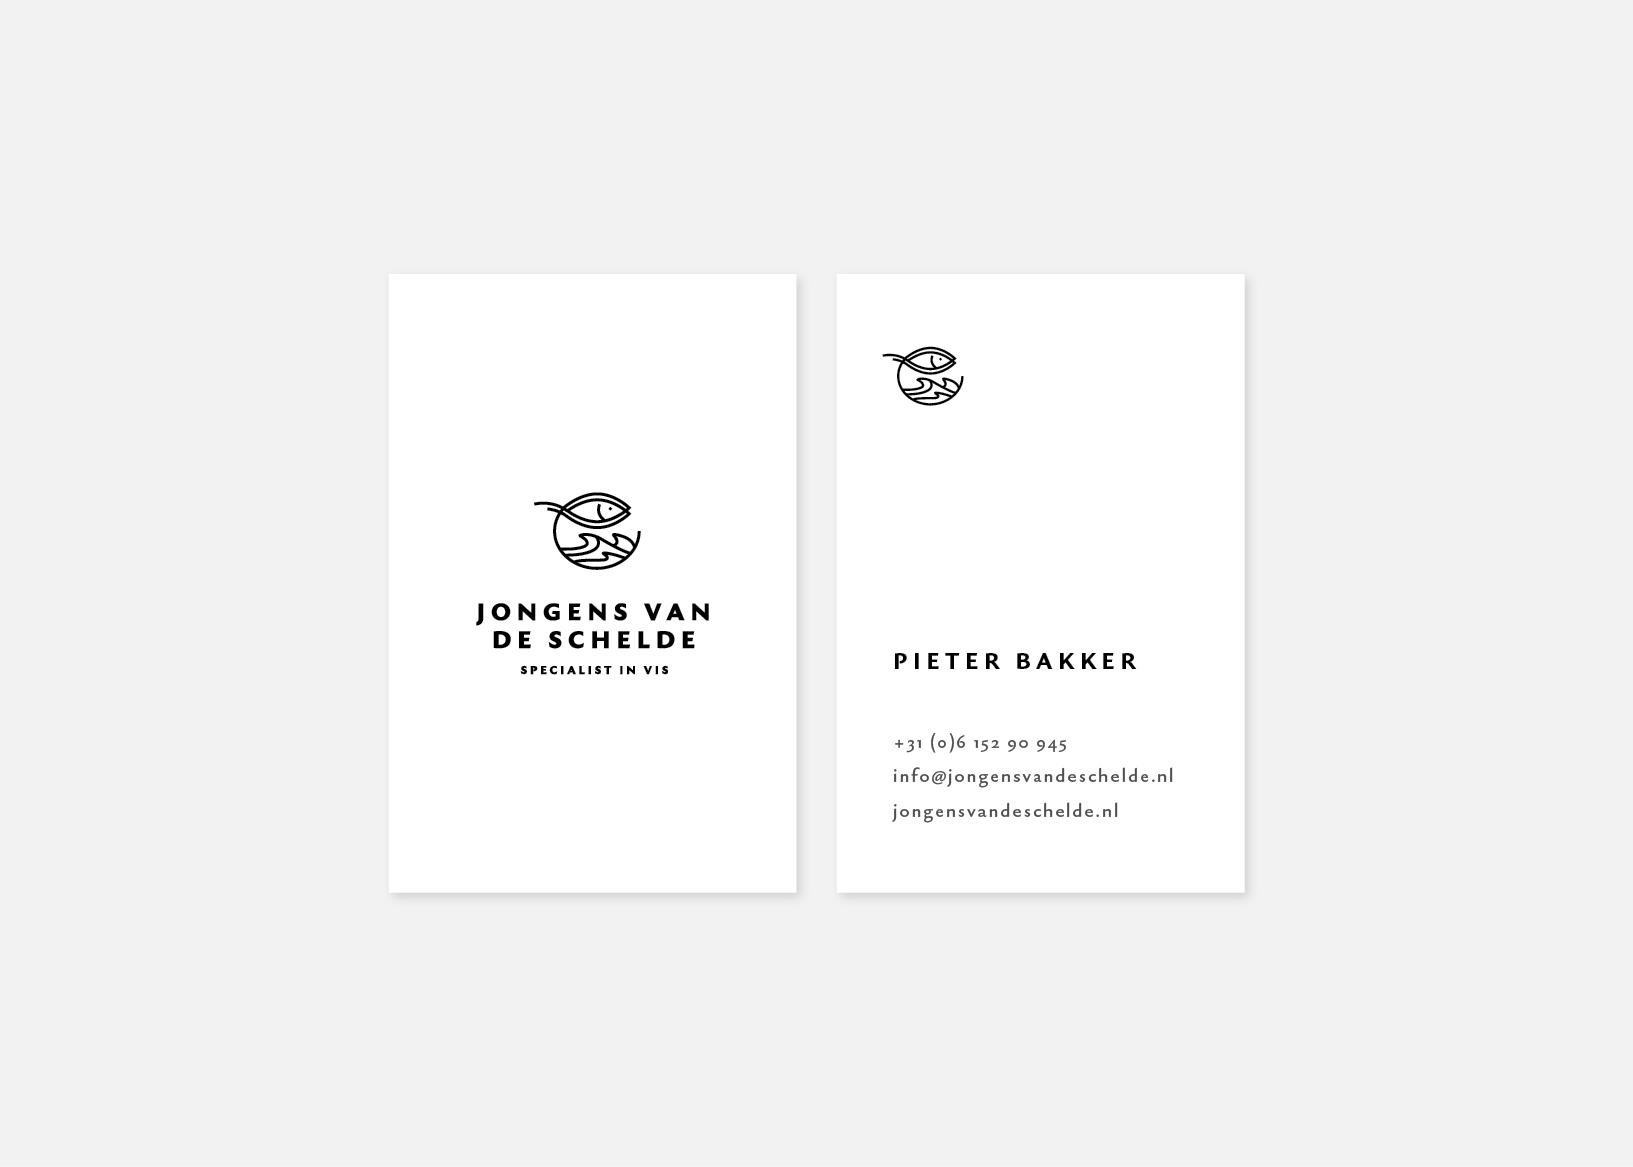 Visitekaartje-ontwerp-voor-jongens-van-de-schelde-ontwerpbureau-burowit-kampen-Thirza-Bakker